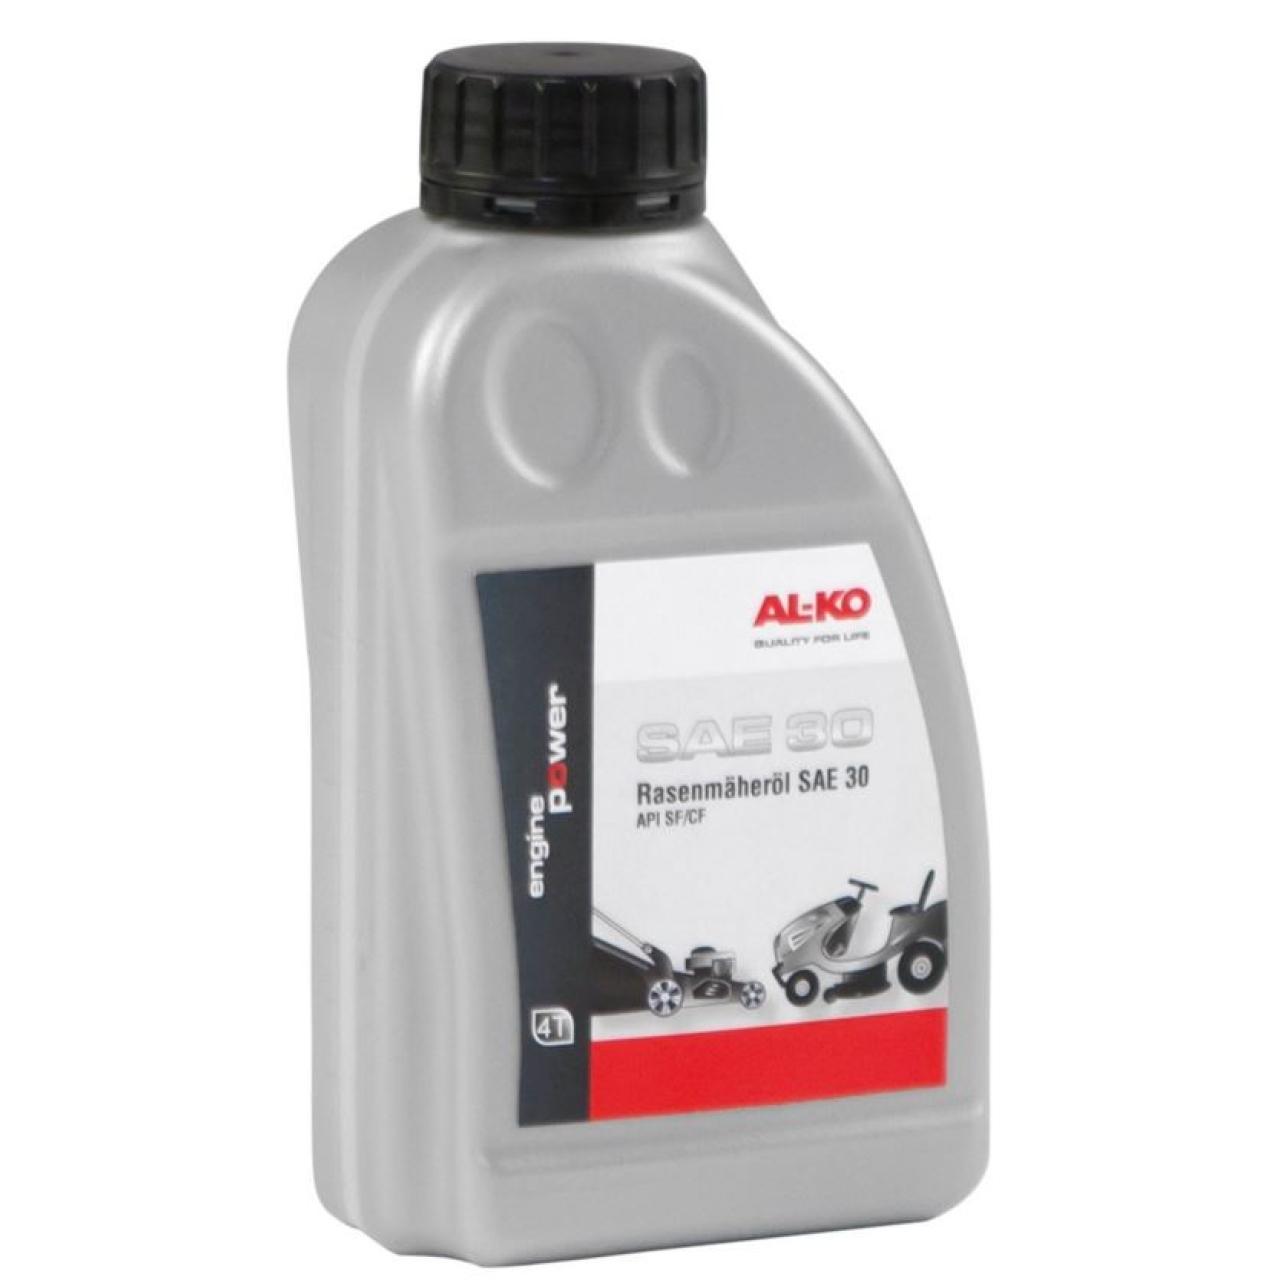 4-Takt Rasenmäheröl SAE 30 (0,6 L)